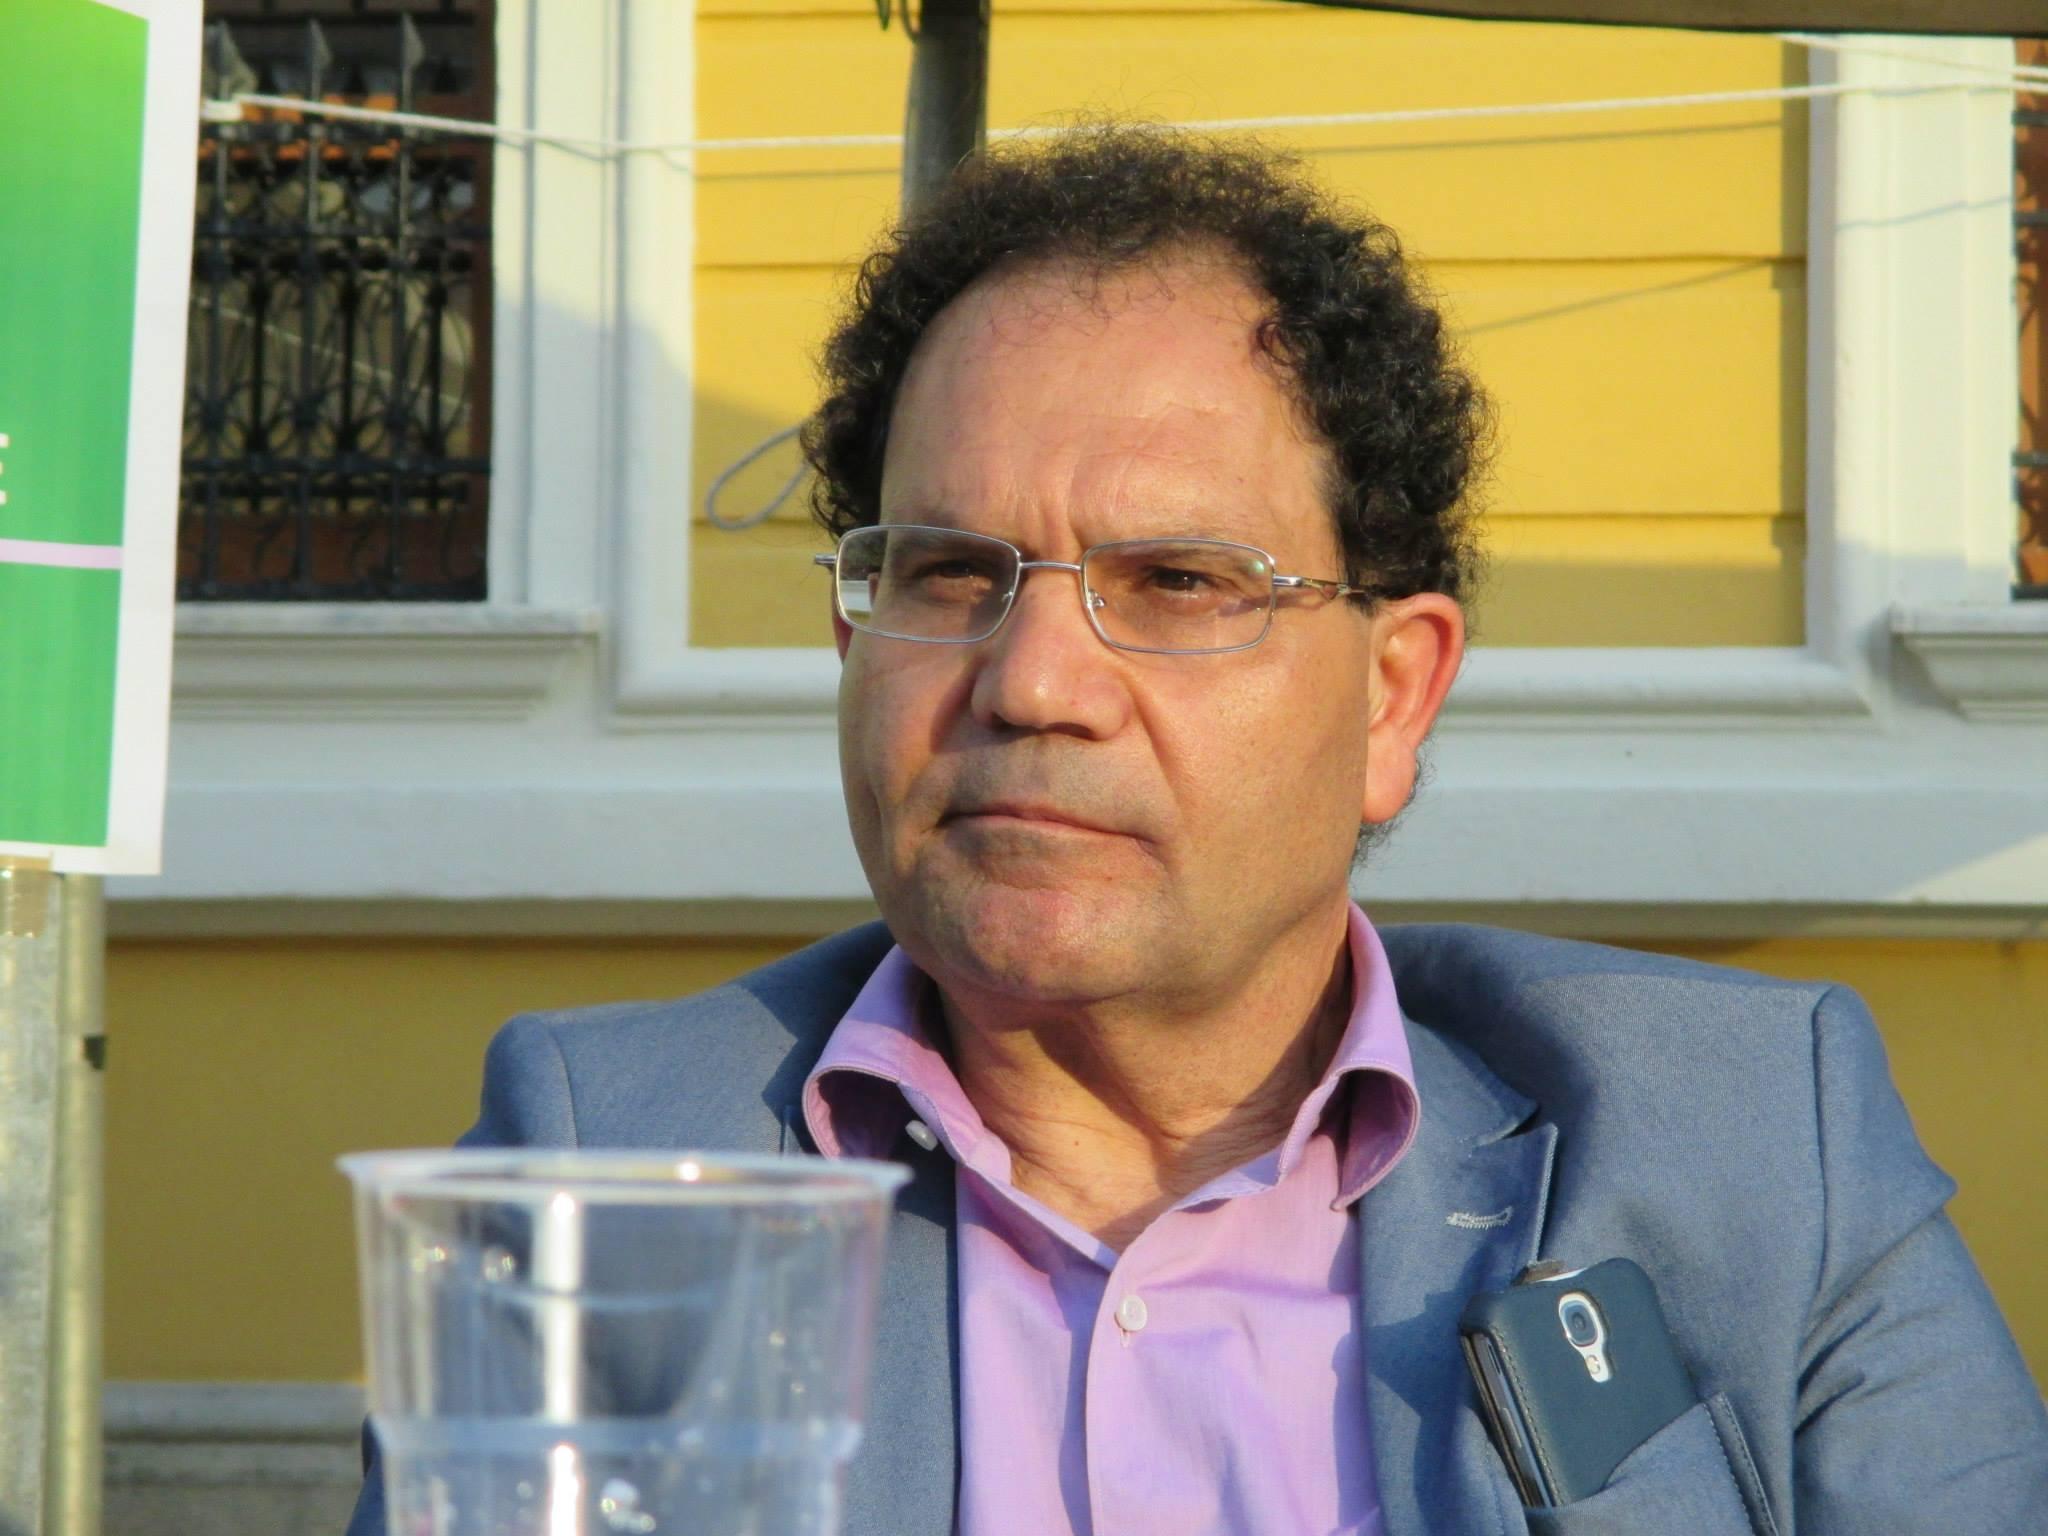 Elezioni politiche, intervista a Carlo Tomasi